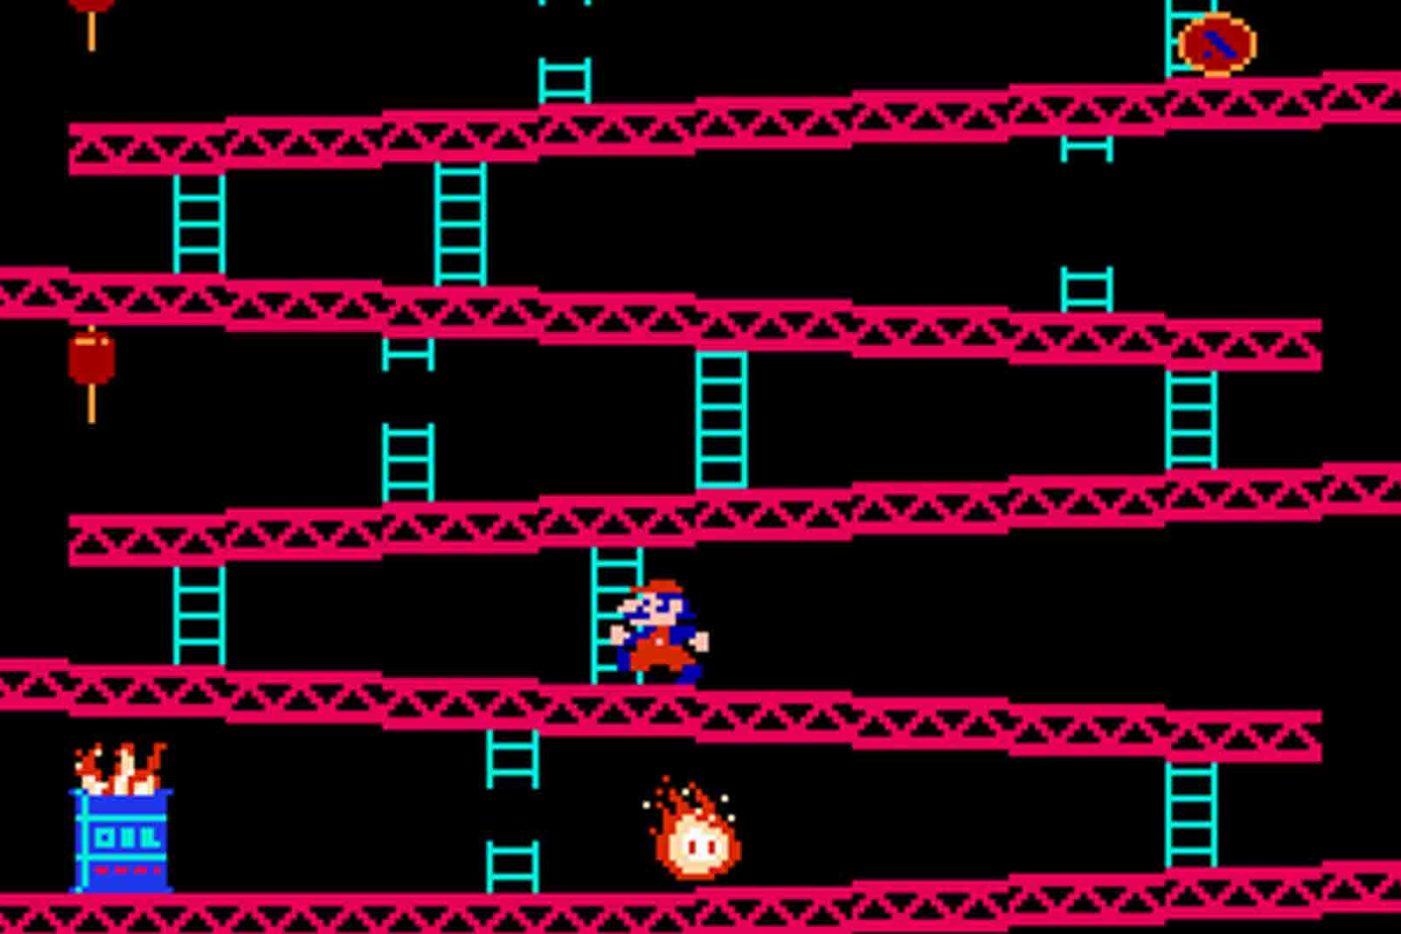 Donkey Kong Postgame